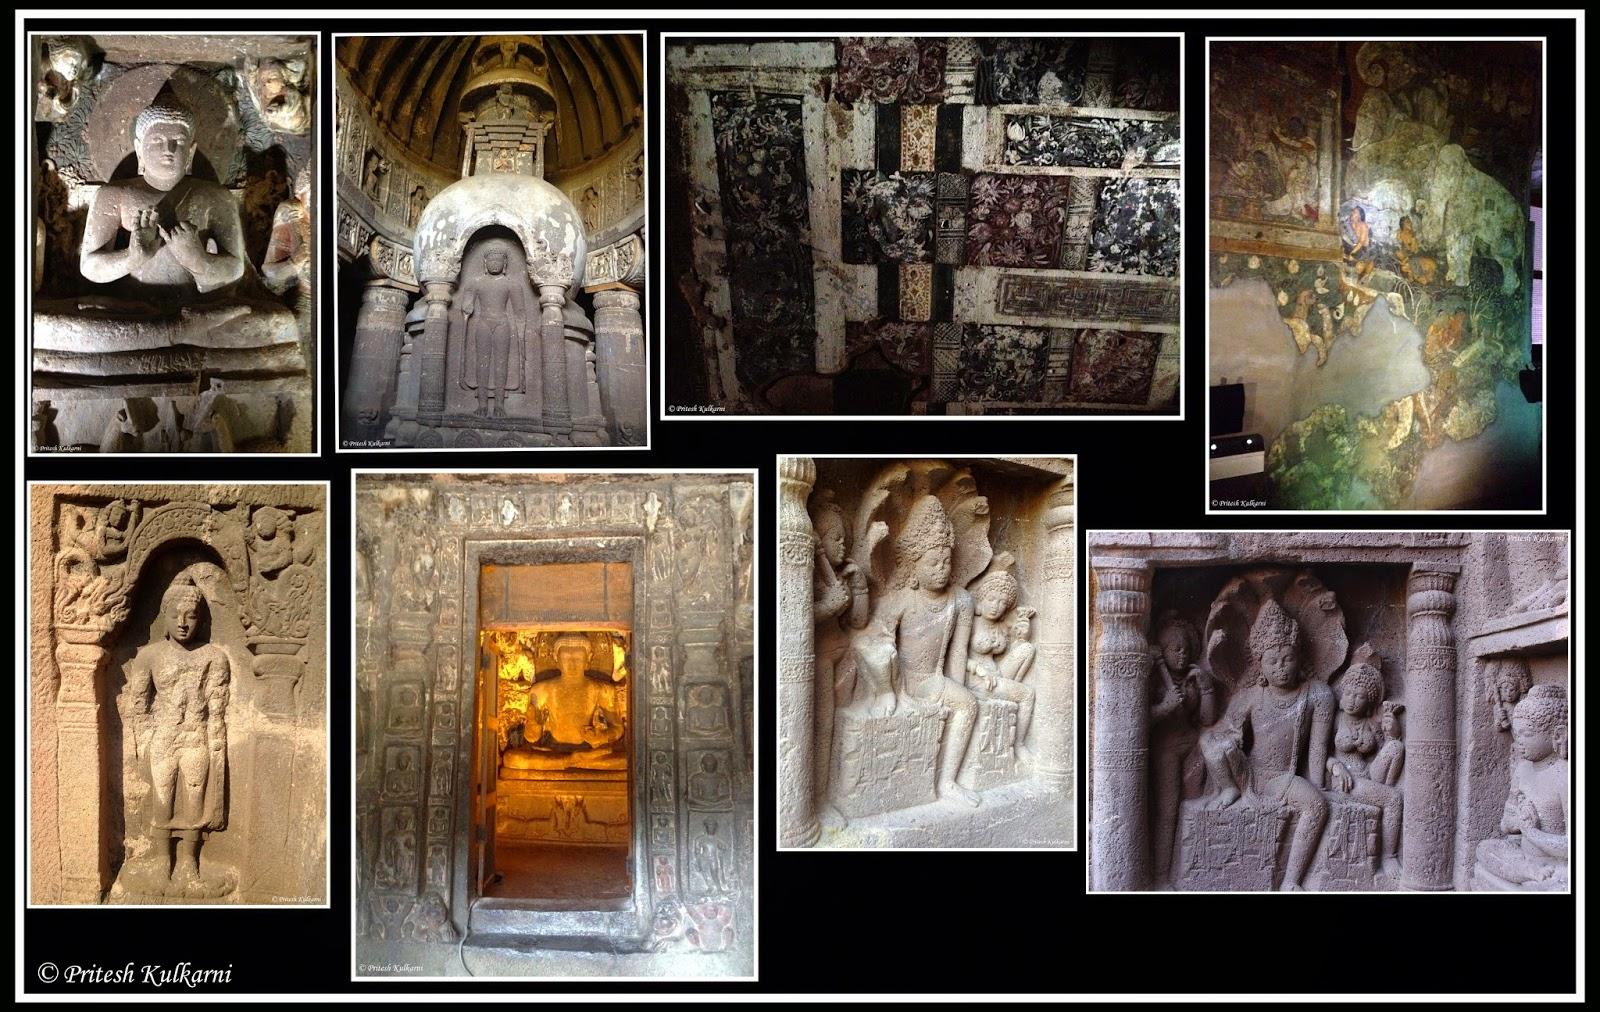 Carving and painting at Ajanta Caves